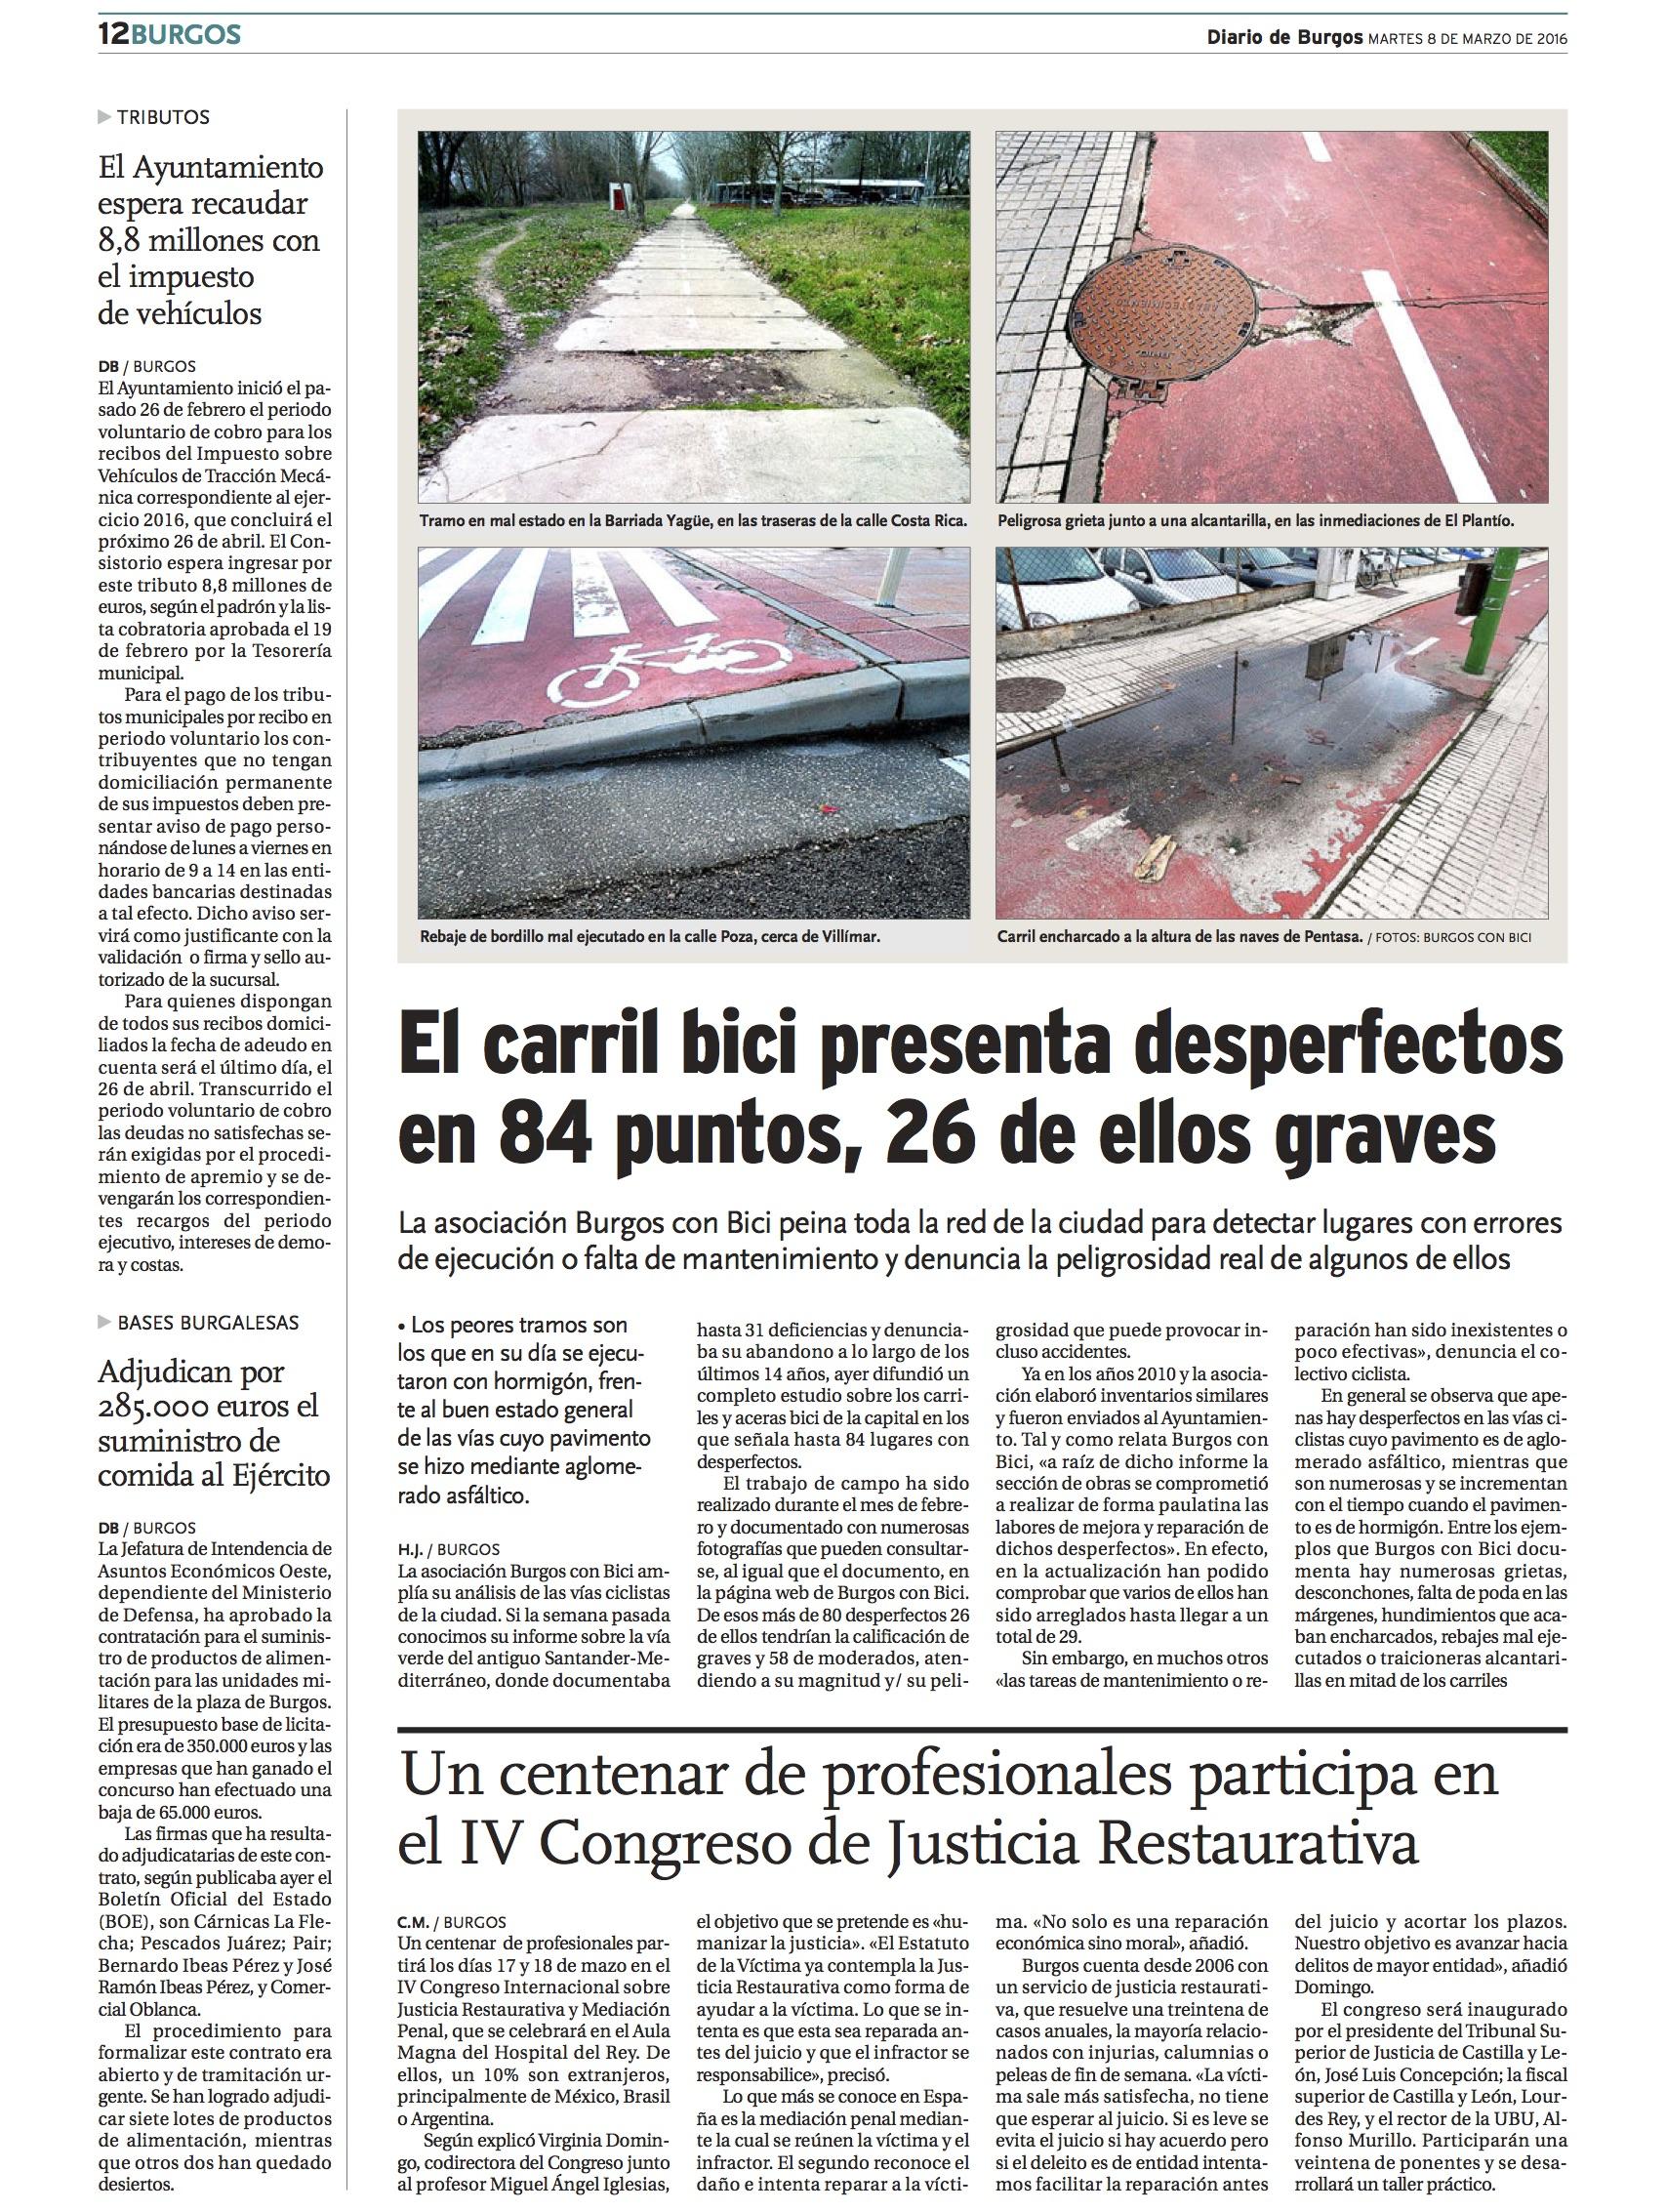 Artículo Diario de burgos Desperfectos carril bici